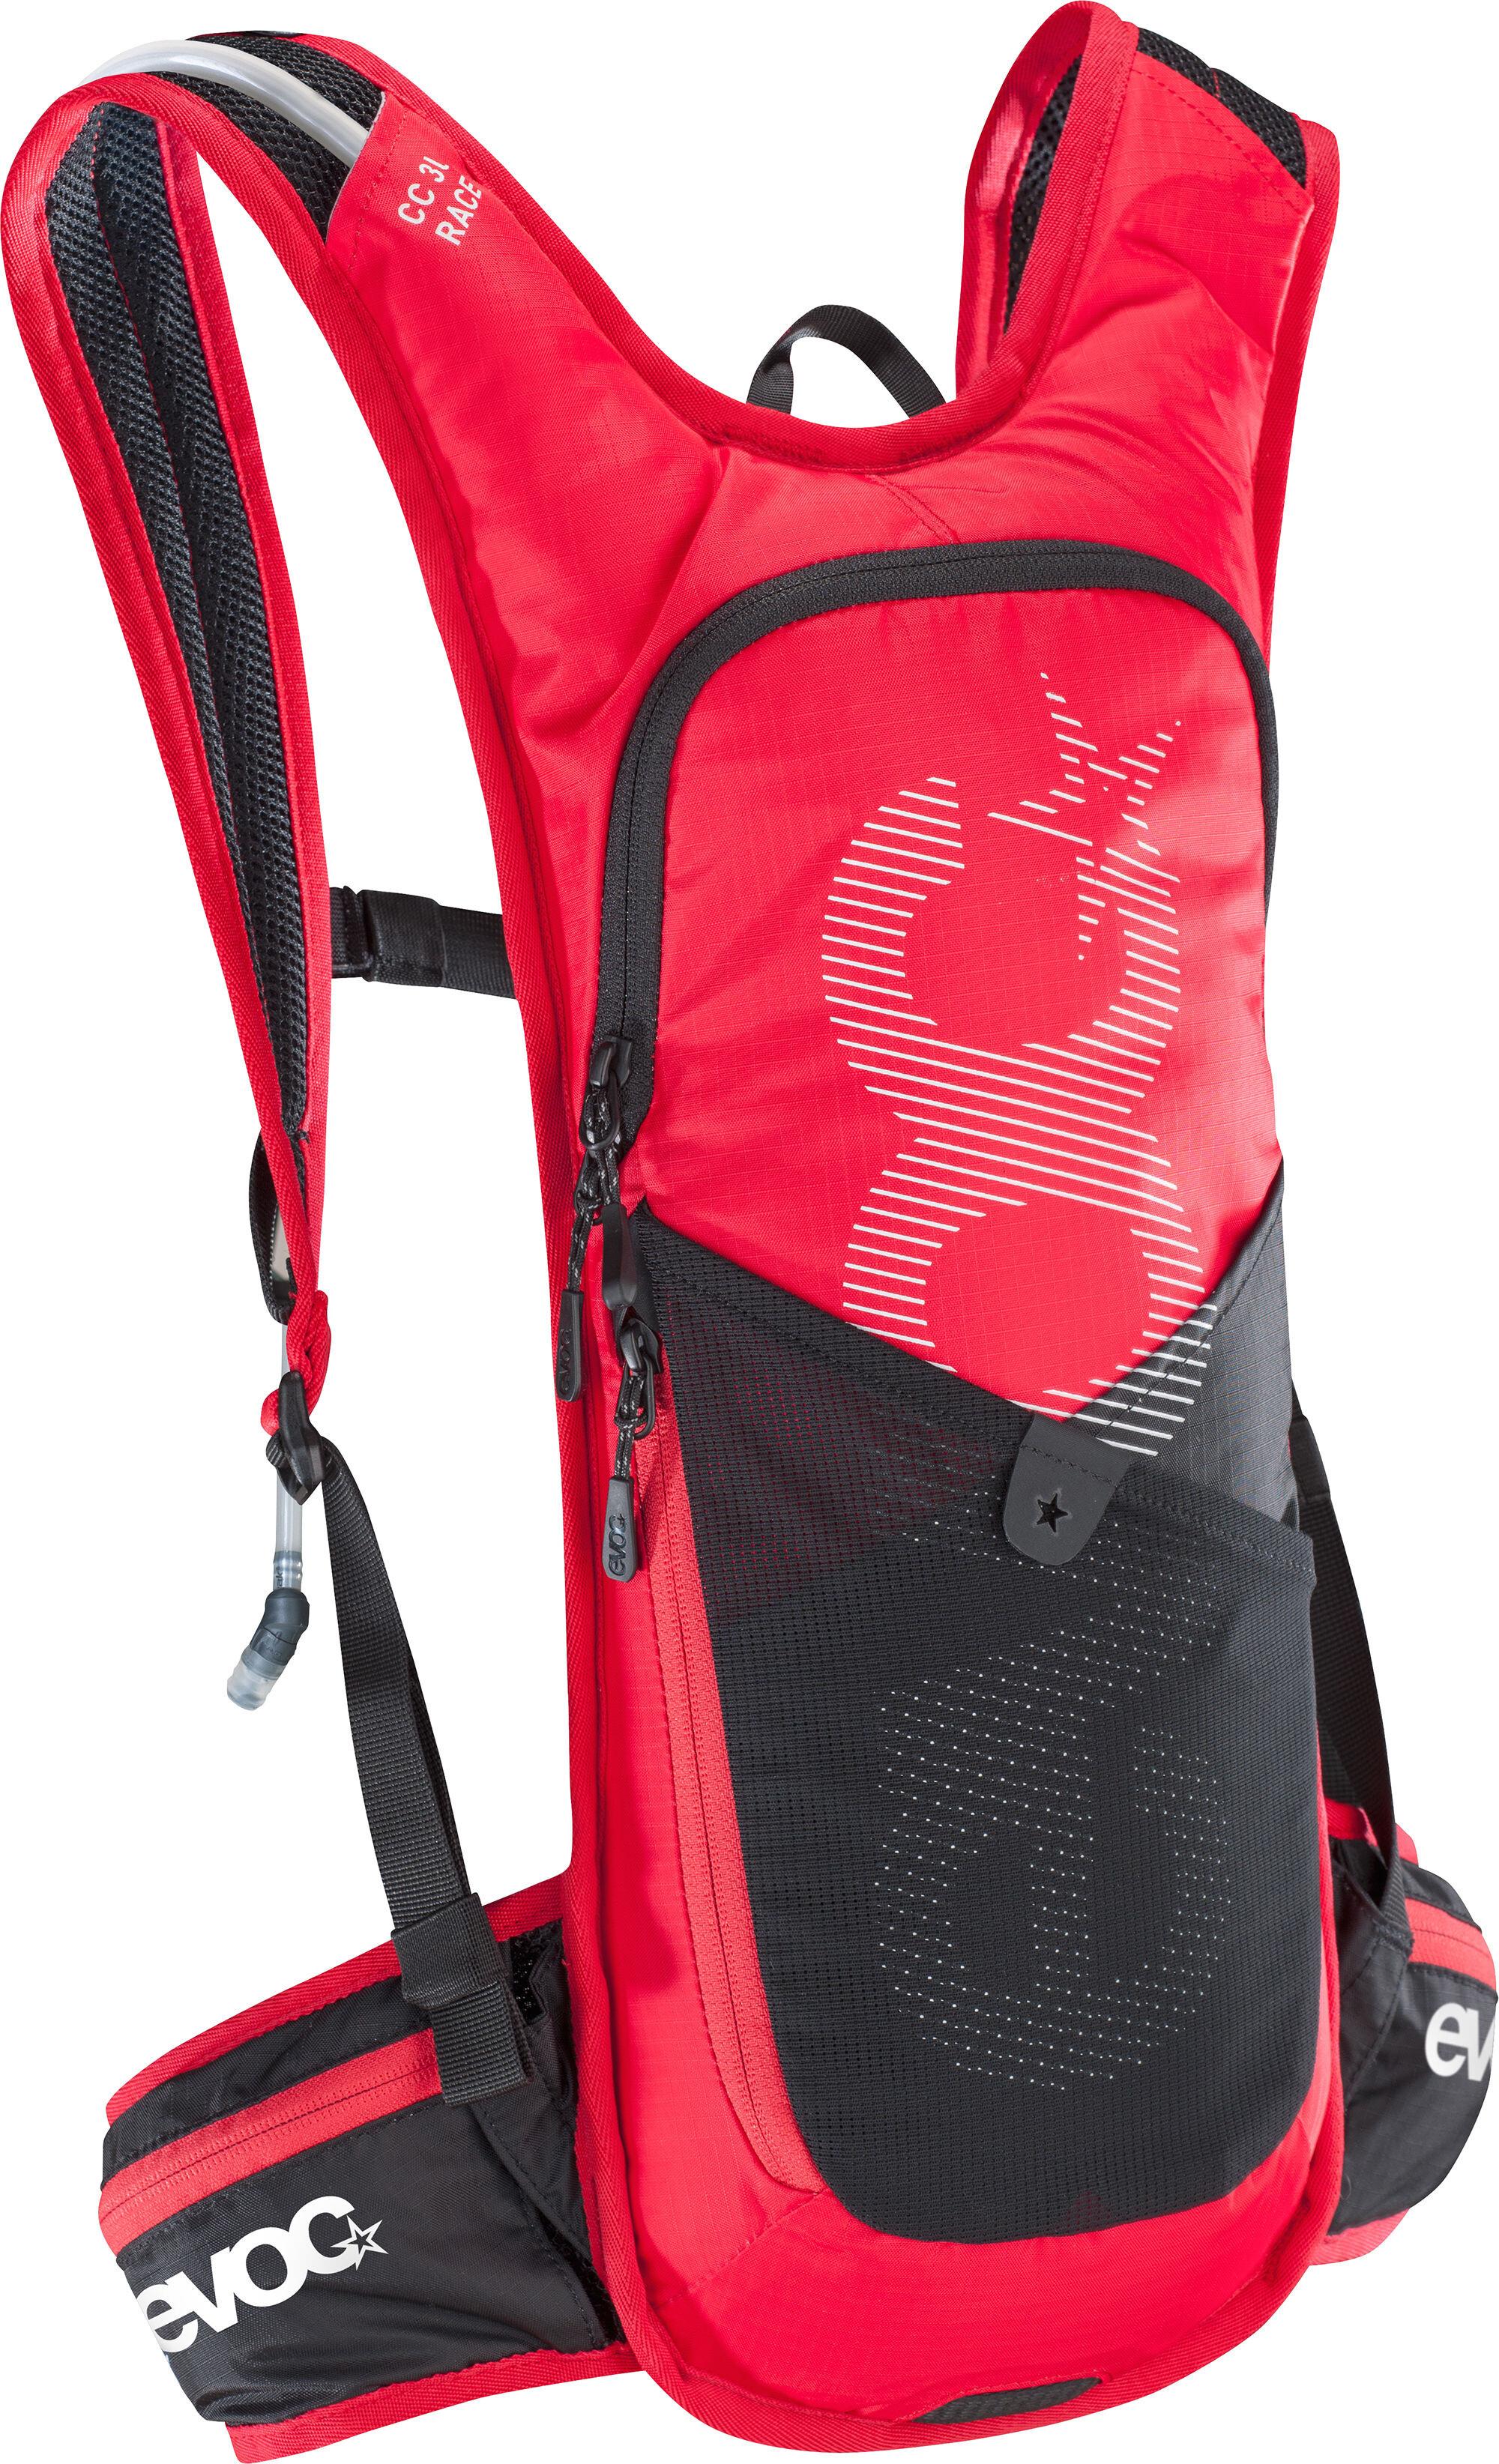 9dfbbe6cf6720 EVOC CC Race Backpack 3l + 2l Bladder red at Bikester.co.uk